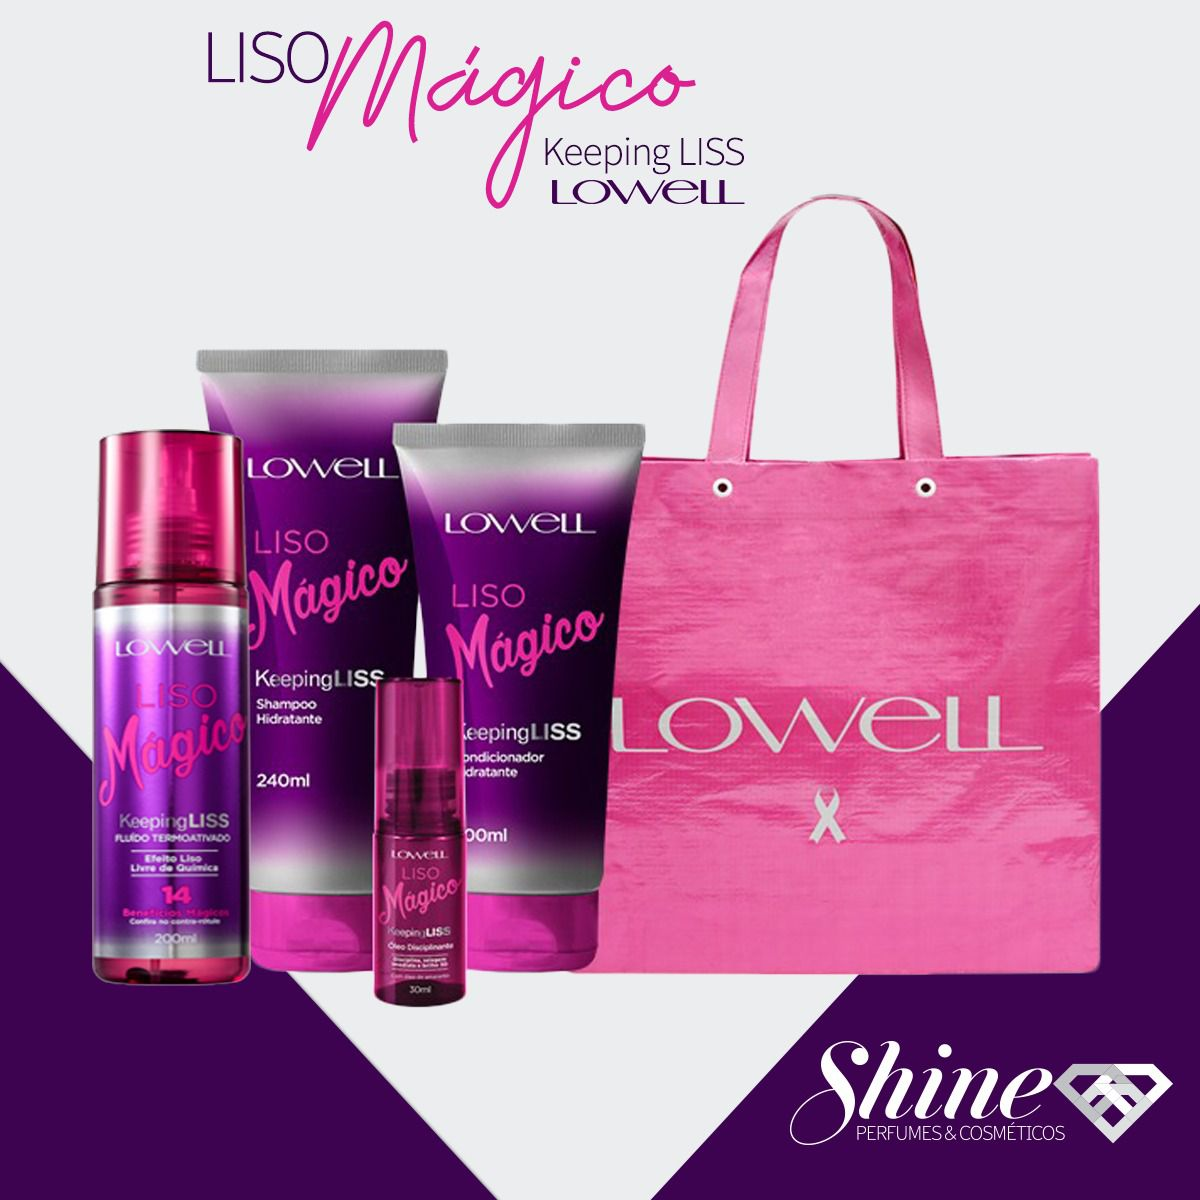 Kit Completo Liso Mágico Keeping Liss Lowell (4 produtos + linda sacola)